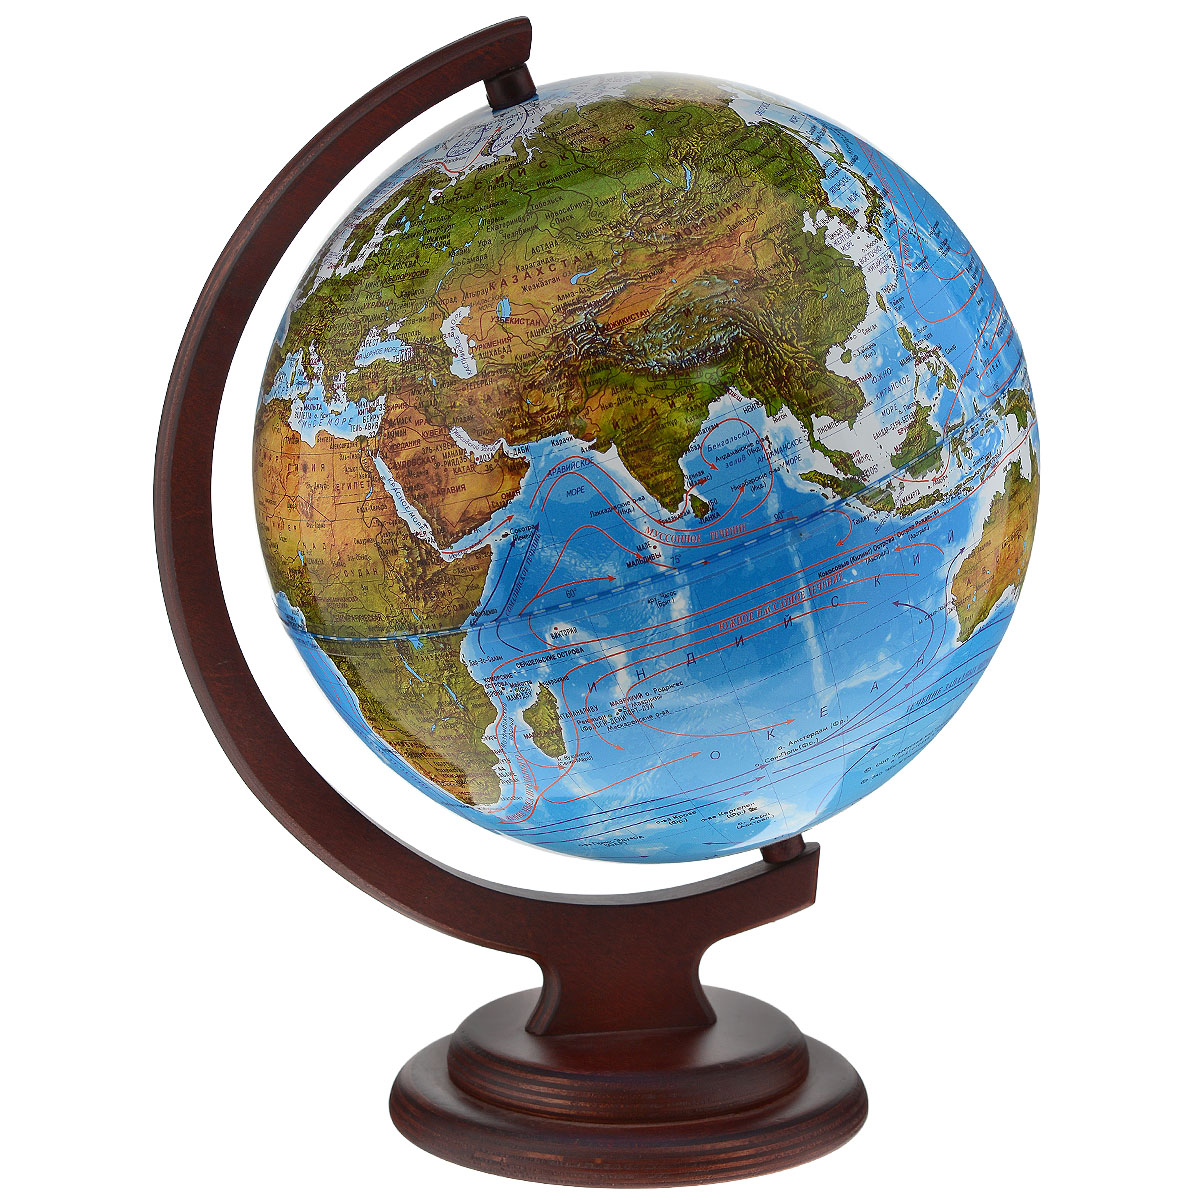 Глобусный мир Ландшафтный глобус, диаметр 25 см, на деревянной подставкеFS-00897Ландшафтный глобус Глобусный мир, изготовленный из высококачественного прочного пластика.Данная модель предназначена для ознакомления с особенностями ландшафта нашей планеты. Помимо этого ландшафтный глобус обладает приятной цветовой гаммой. Глобус дает представление о местоположении материков и океанов, на нем можно рассмотреть особенности ландшафта нашей планеты (рельефы местности, леса, горы, реки, моря, структуру дна океанов, рельеф суши), можно увидеть графическое изображение географических меридианов и параллелей, гидрографическая сеть, а также крупнейшие населенные пункты. На глобусе имеются направления и названия подводных течений. Названия стран на глобусе приведены на русской язык. Изделие расположено на красивой деревянной подставке, что придает этой модели подарочный вид.Настольный глобус Глобусный мир станет оригинальным украшением рабочего стола или вашего кабинета. Это изысканная вещь для стильного интерьера, которая станет прекрасным подарком для современного преуспевающего человека, следующего последним тенденциям моды и стремящегося к элегантности и комфорту в каждой детали.Масштаб: 1:50 000 000.